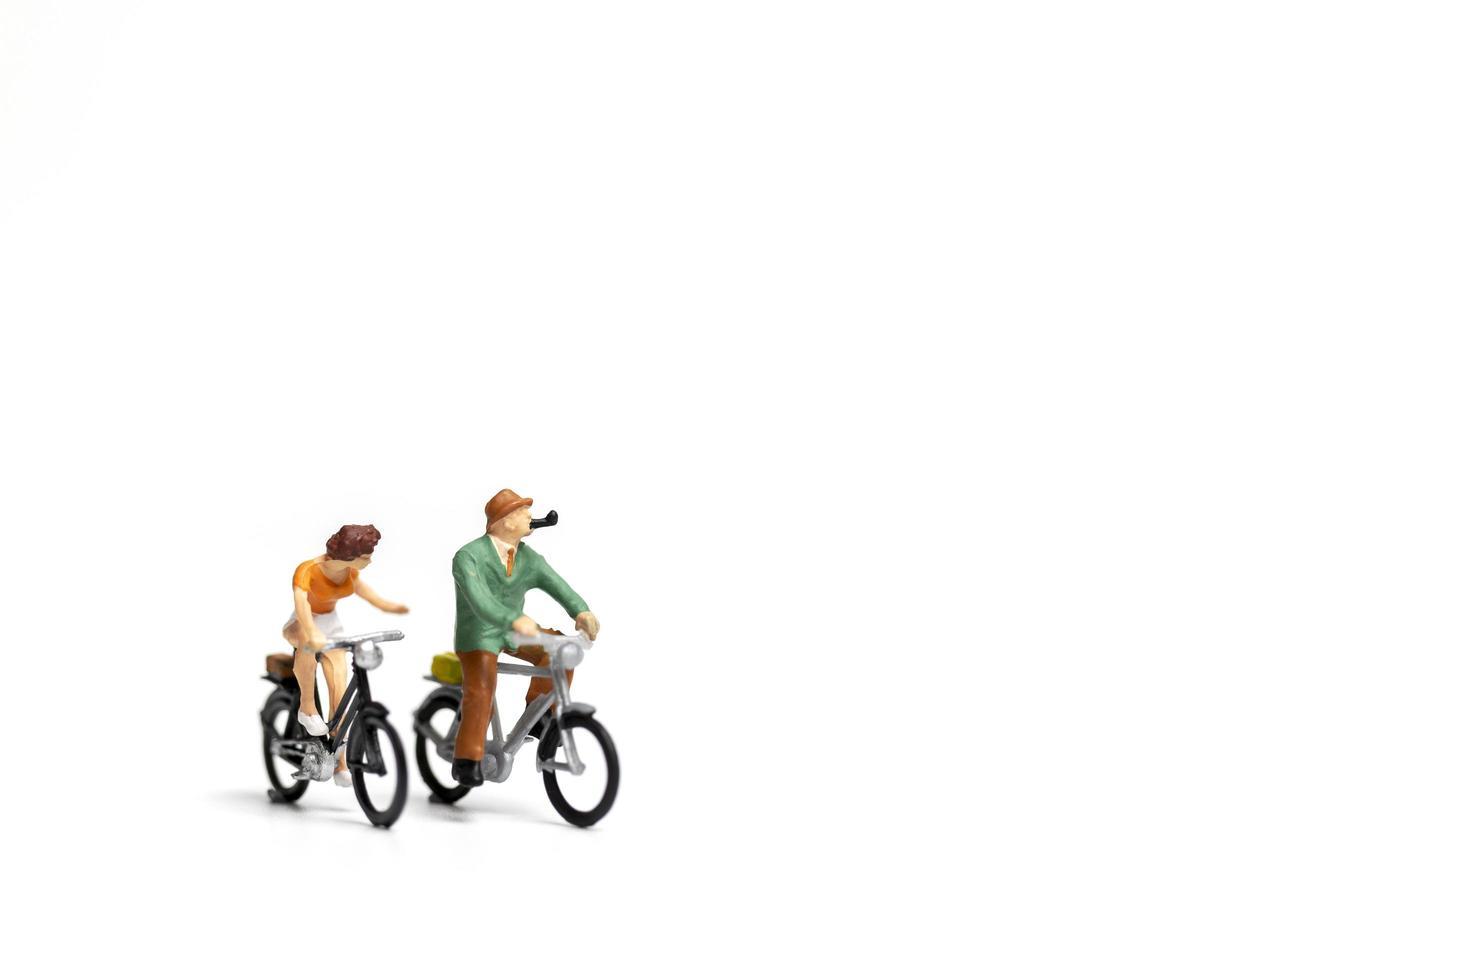 miniatuur paar fietsen op een witte achtergrond, Valentijnsdag concept foto